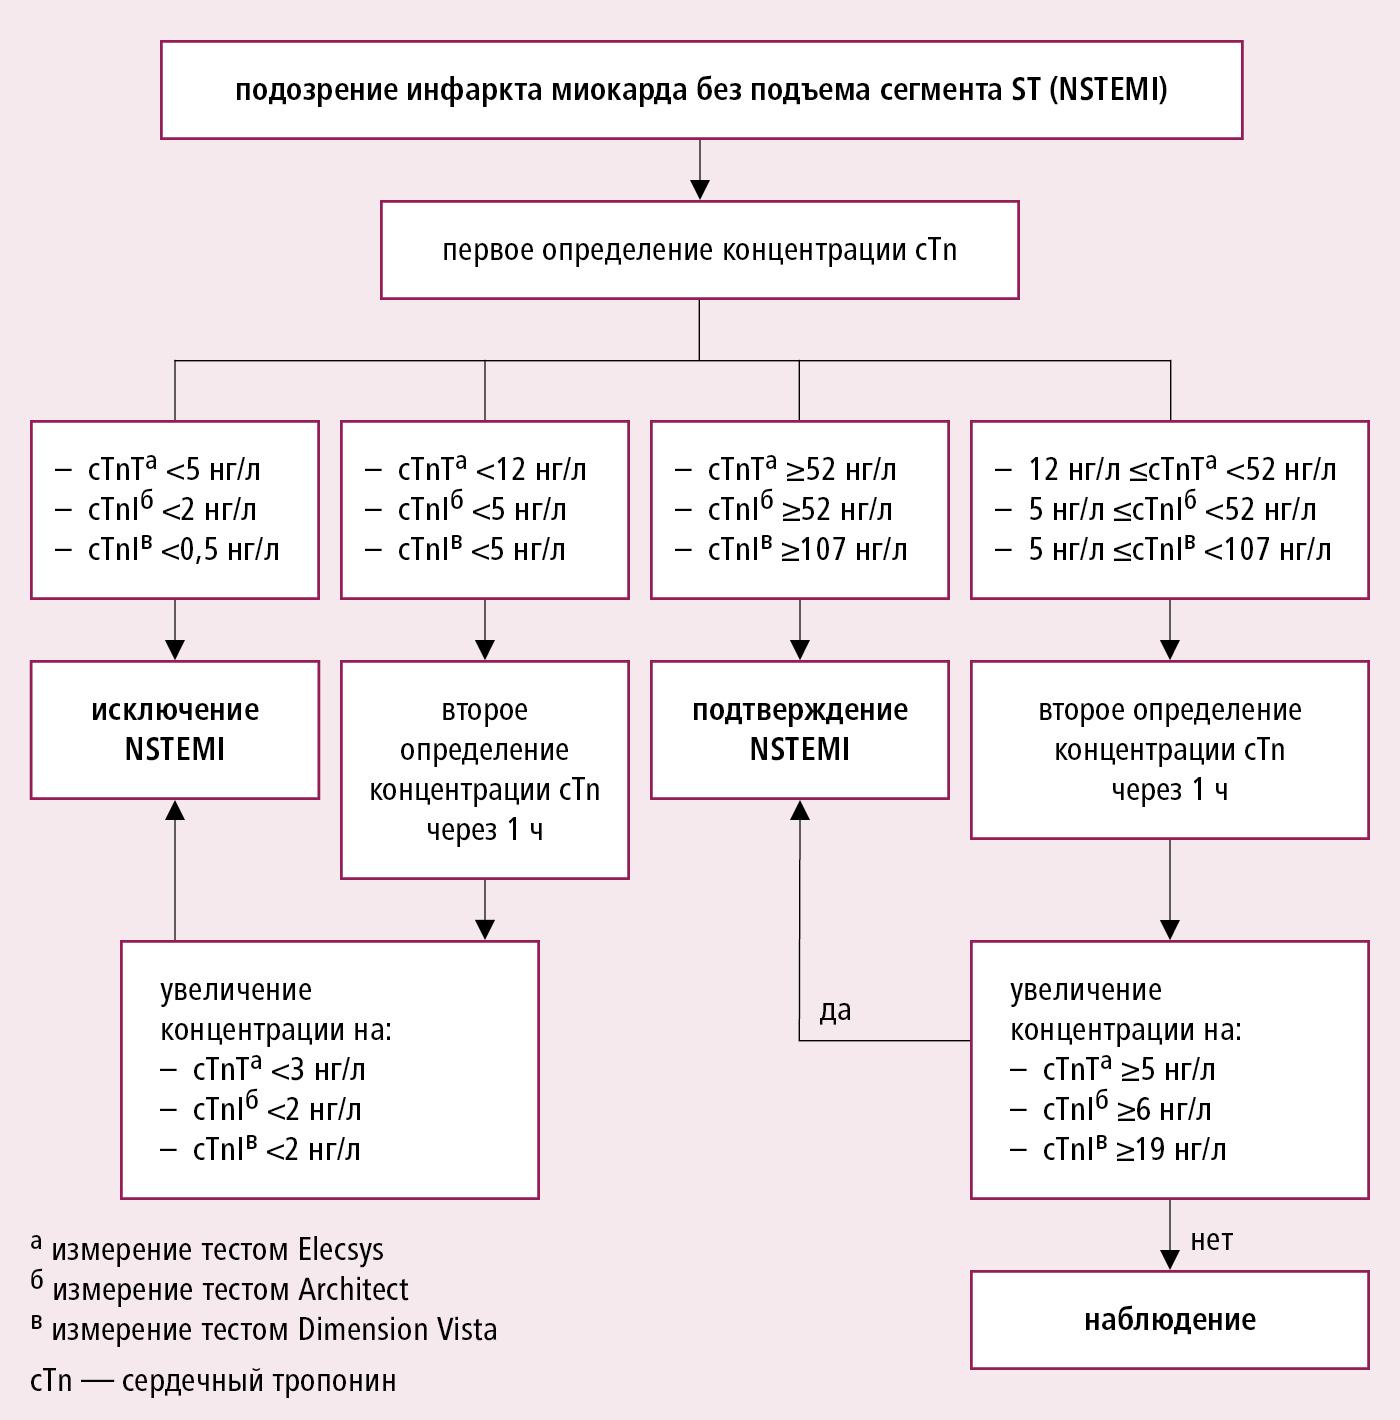 Алгоритм быстрого исключения острого коронарного синдрома с помощью определения концентрации тропонина высокой чувствительности, со вторым определением через 1 ч (на основании рекомендаций ECS 2015, модифицировано)